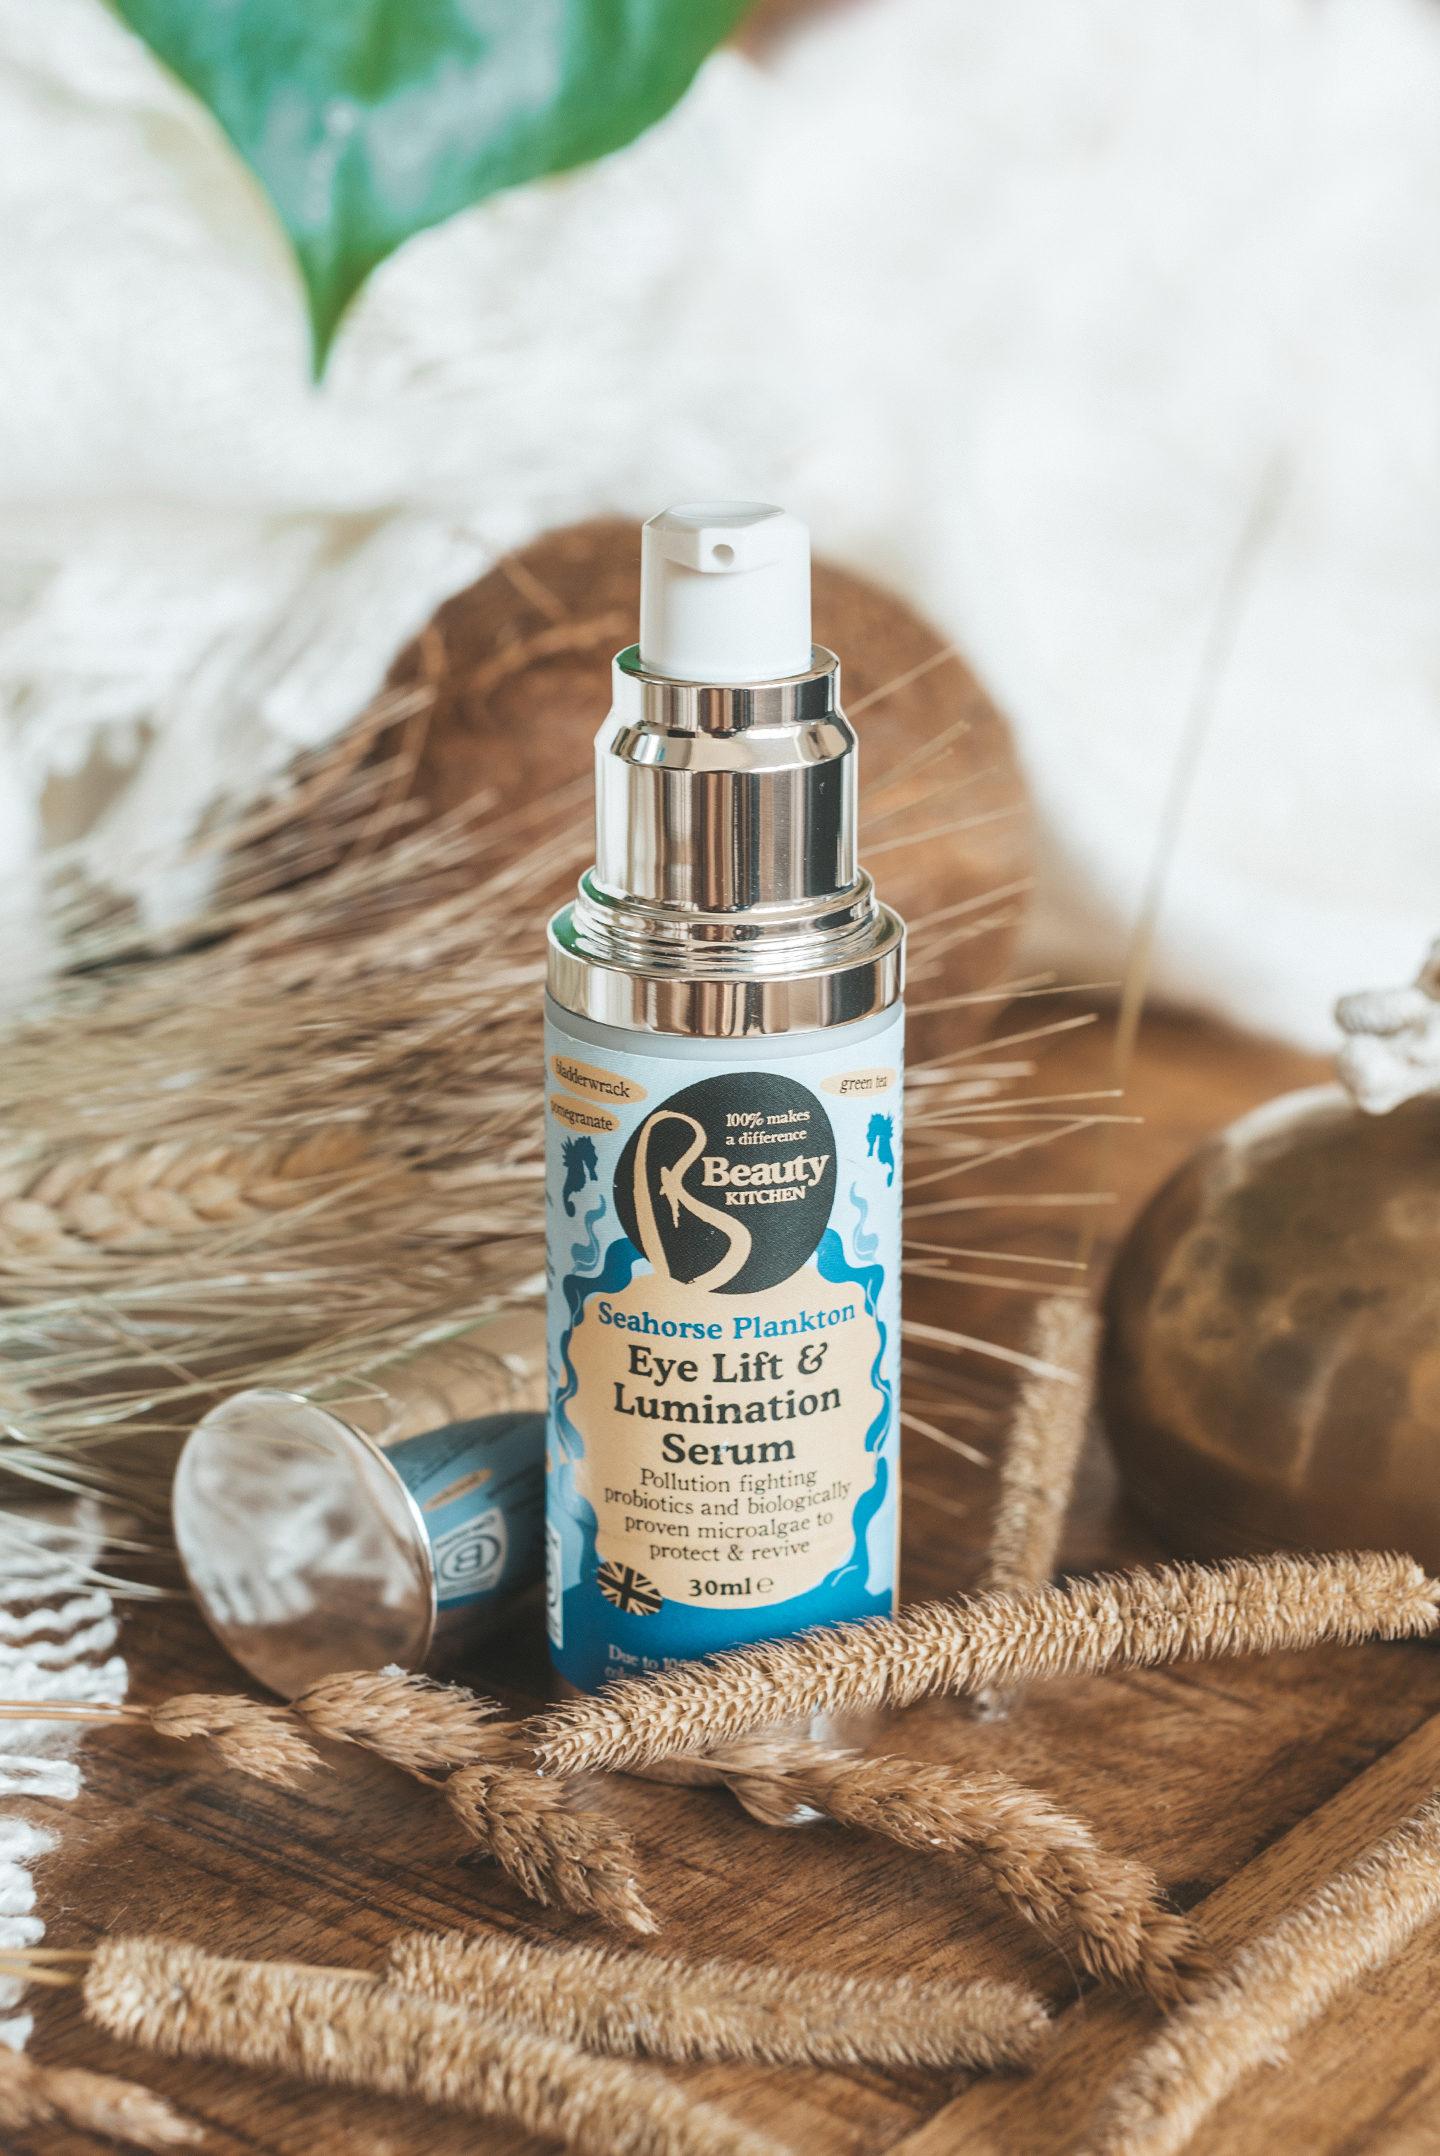 Beauty Kitchen Seahorse Plankton Eye Lift & Lumination Serum